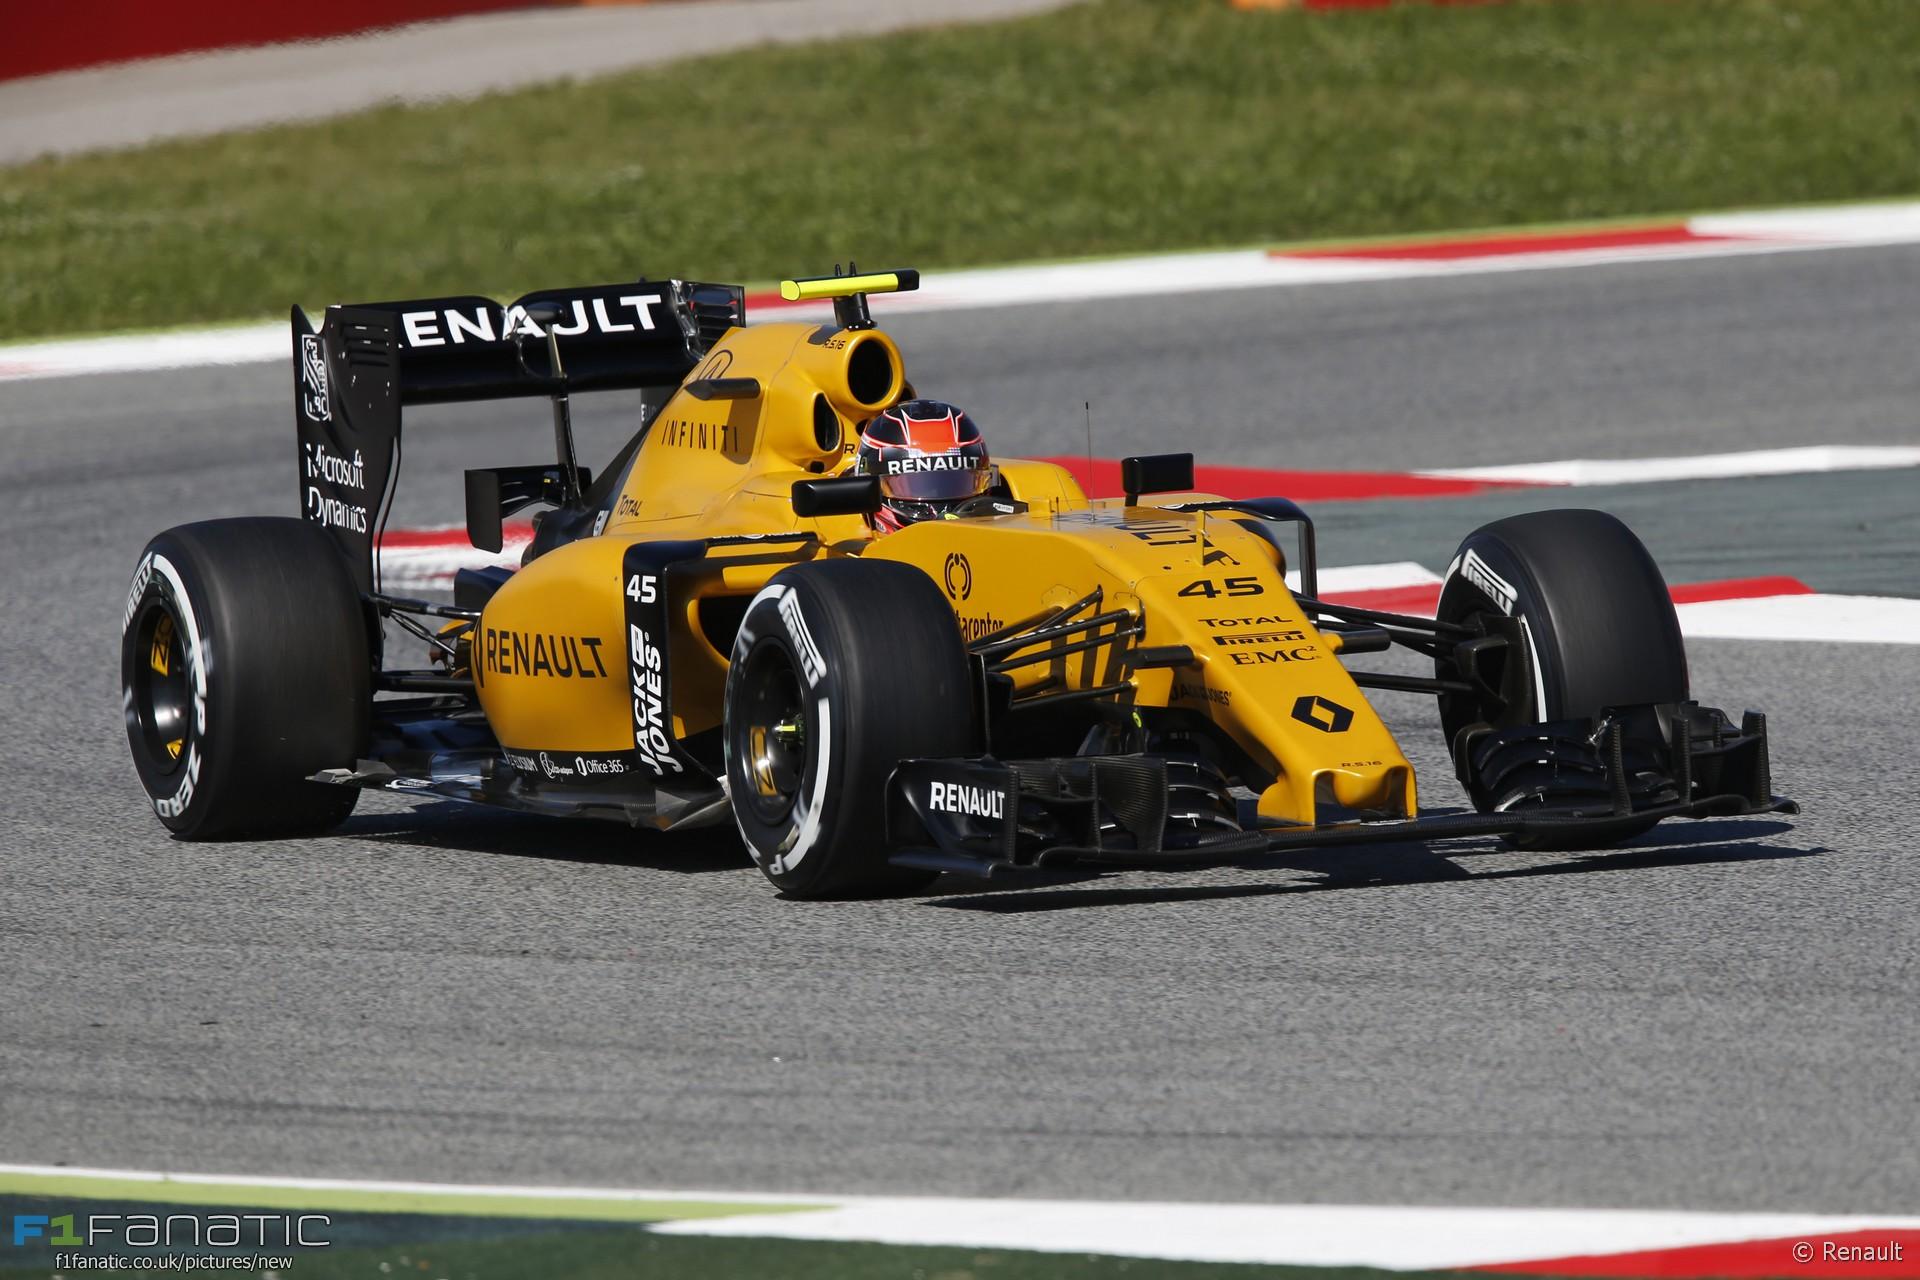 Esteban Ocon, Renault, Circuit de Catalunya, 2016